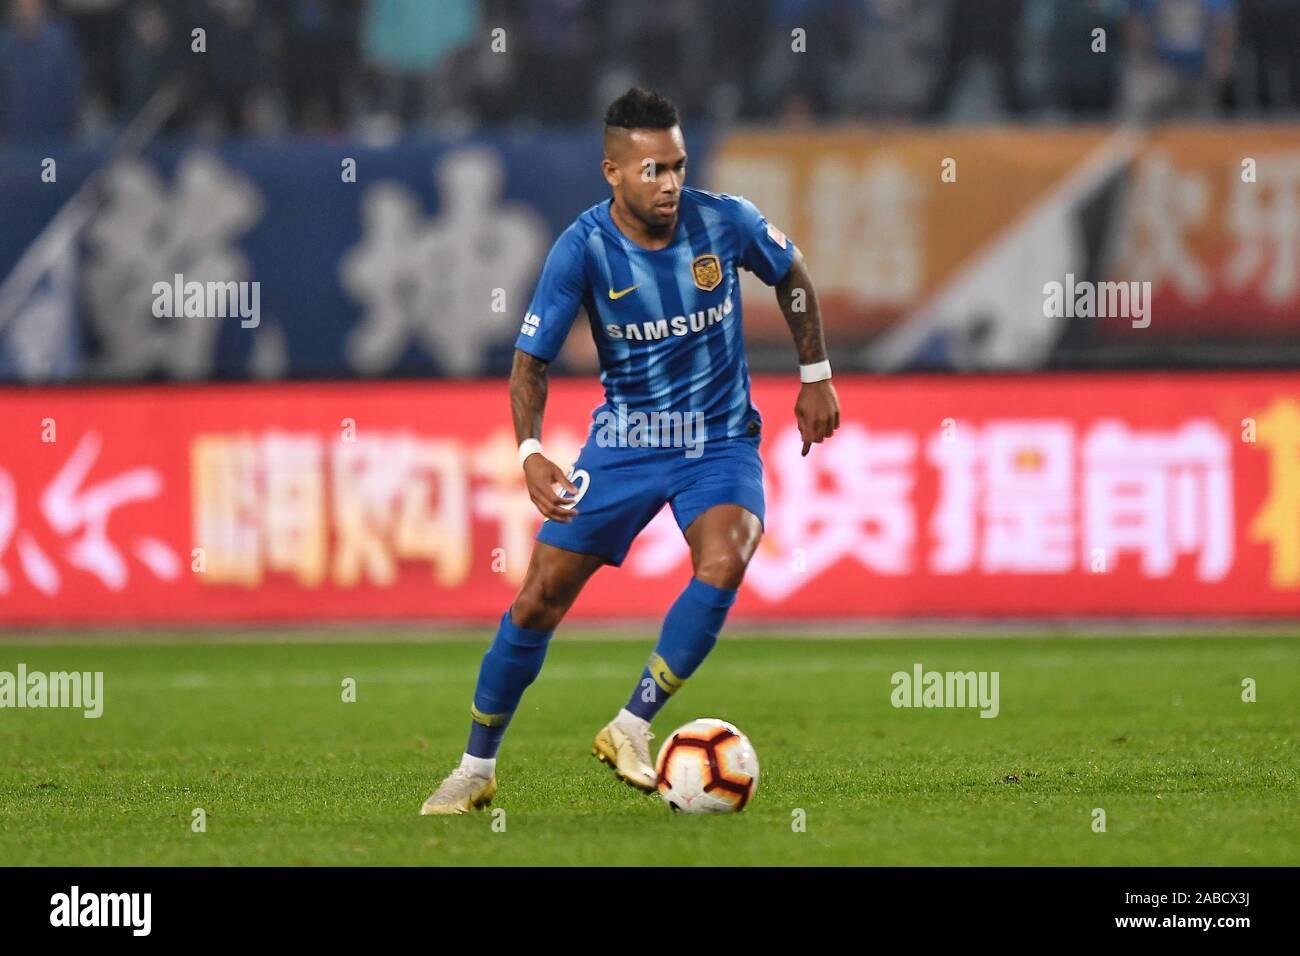 Jugador de fútbol brasileño Alex Teixeira de Jiangsu Suning F.C. mantiene el balón durante la 27ª ronda partido de Fútbol Asociación China Super League Foto de stock